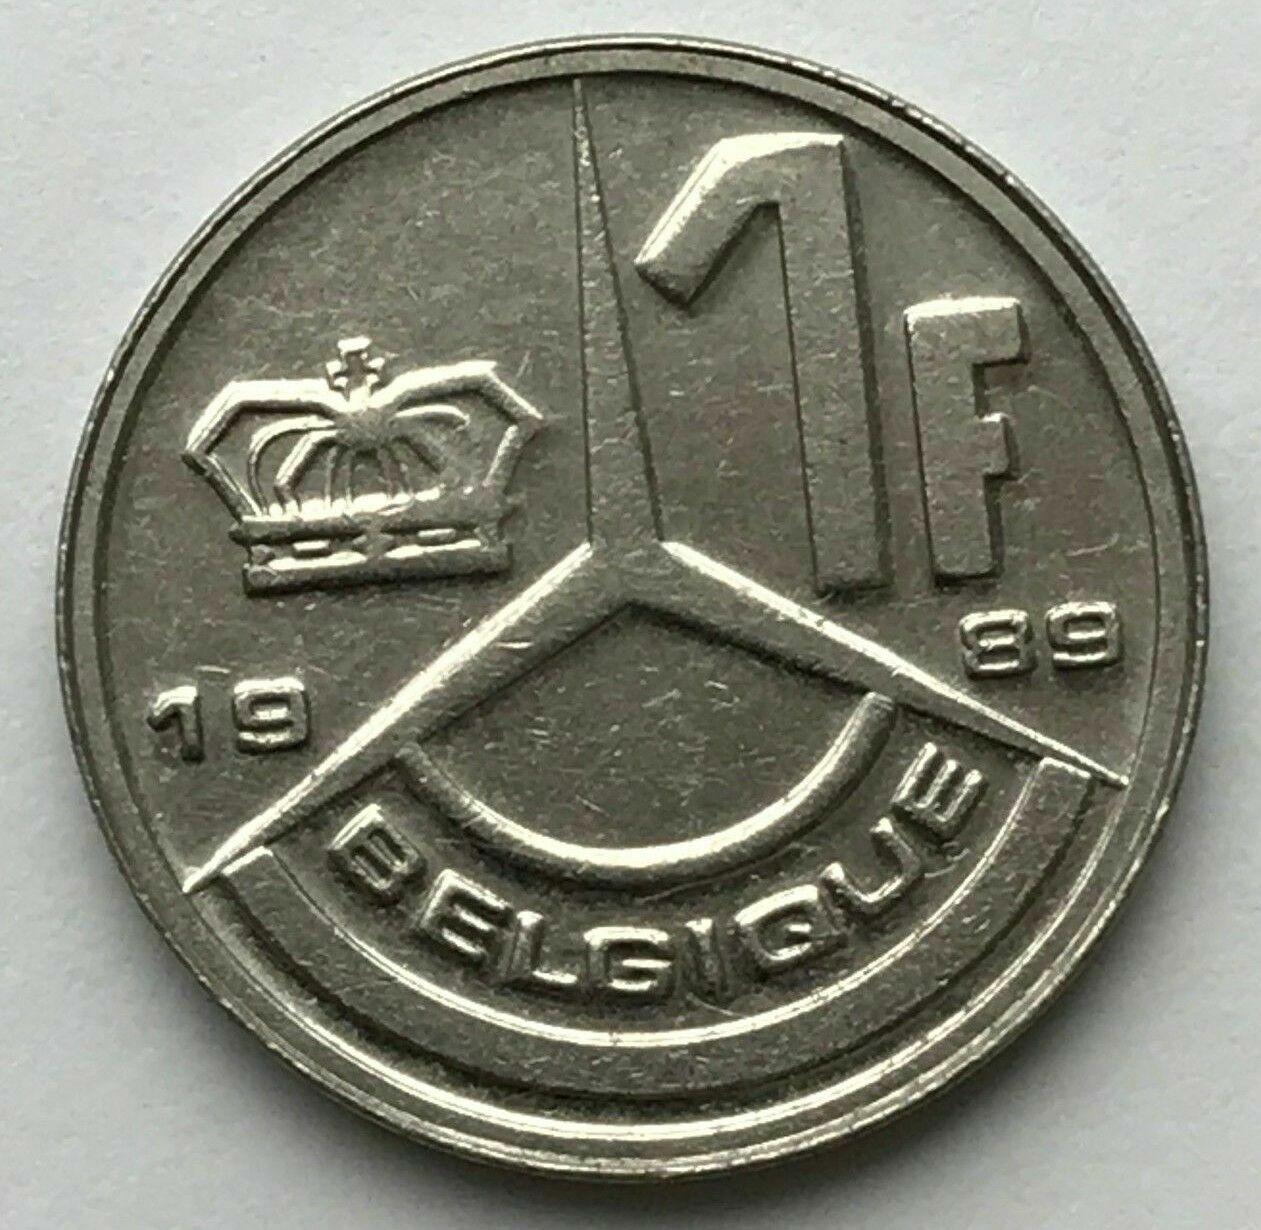 1 Franc 1 Frank Belgique Baudouin Boudewijn 1989 1990 1991